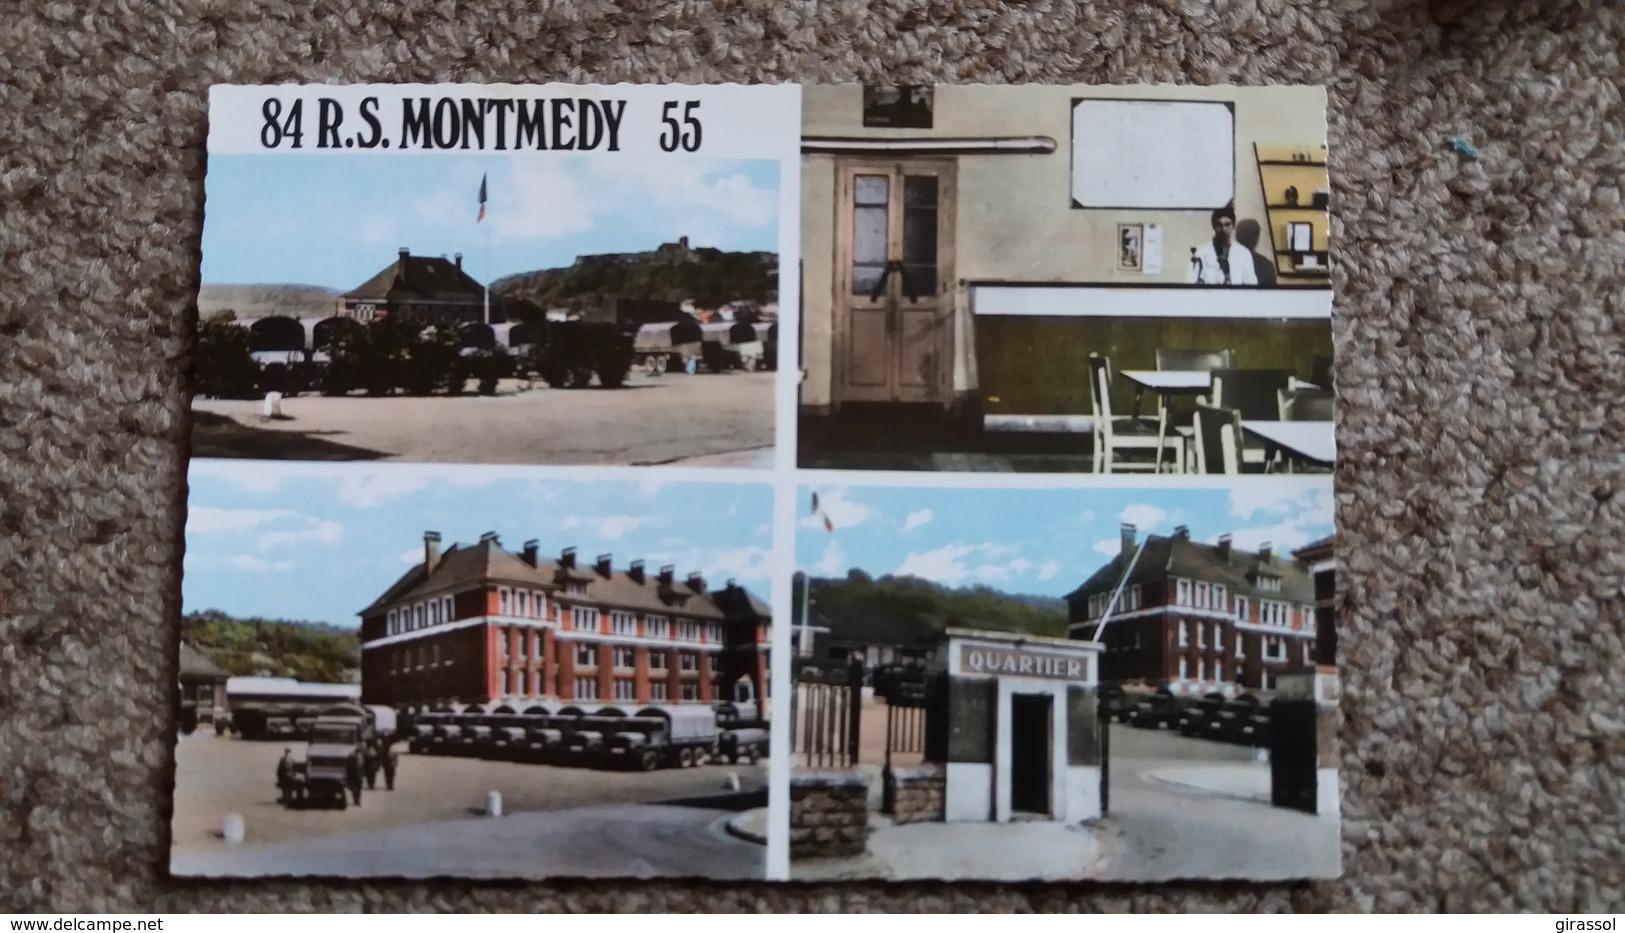 CPSM MONTMEDY MEUSE QUELQUES VUES DU 84 E R S MONTMEDY 55 QUARTIER MILITAIRE - Montmedy